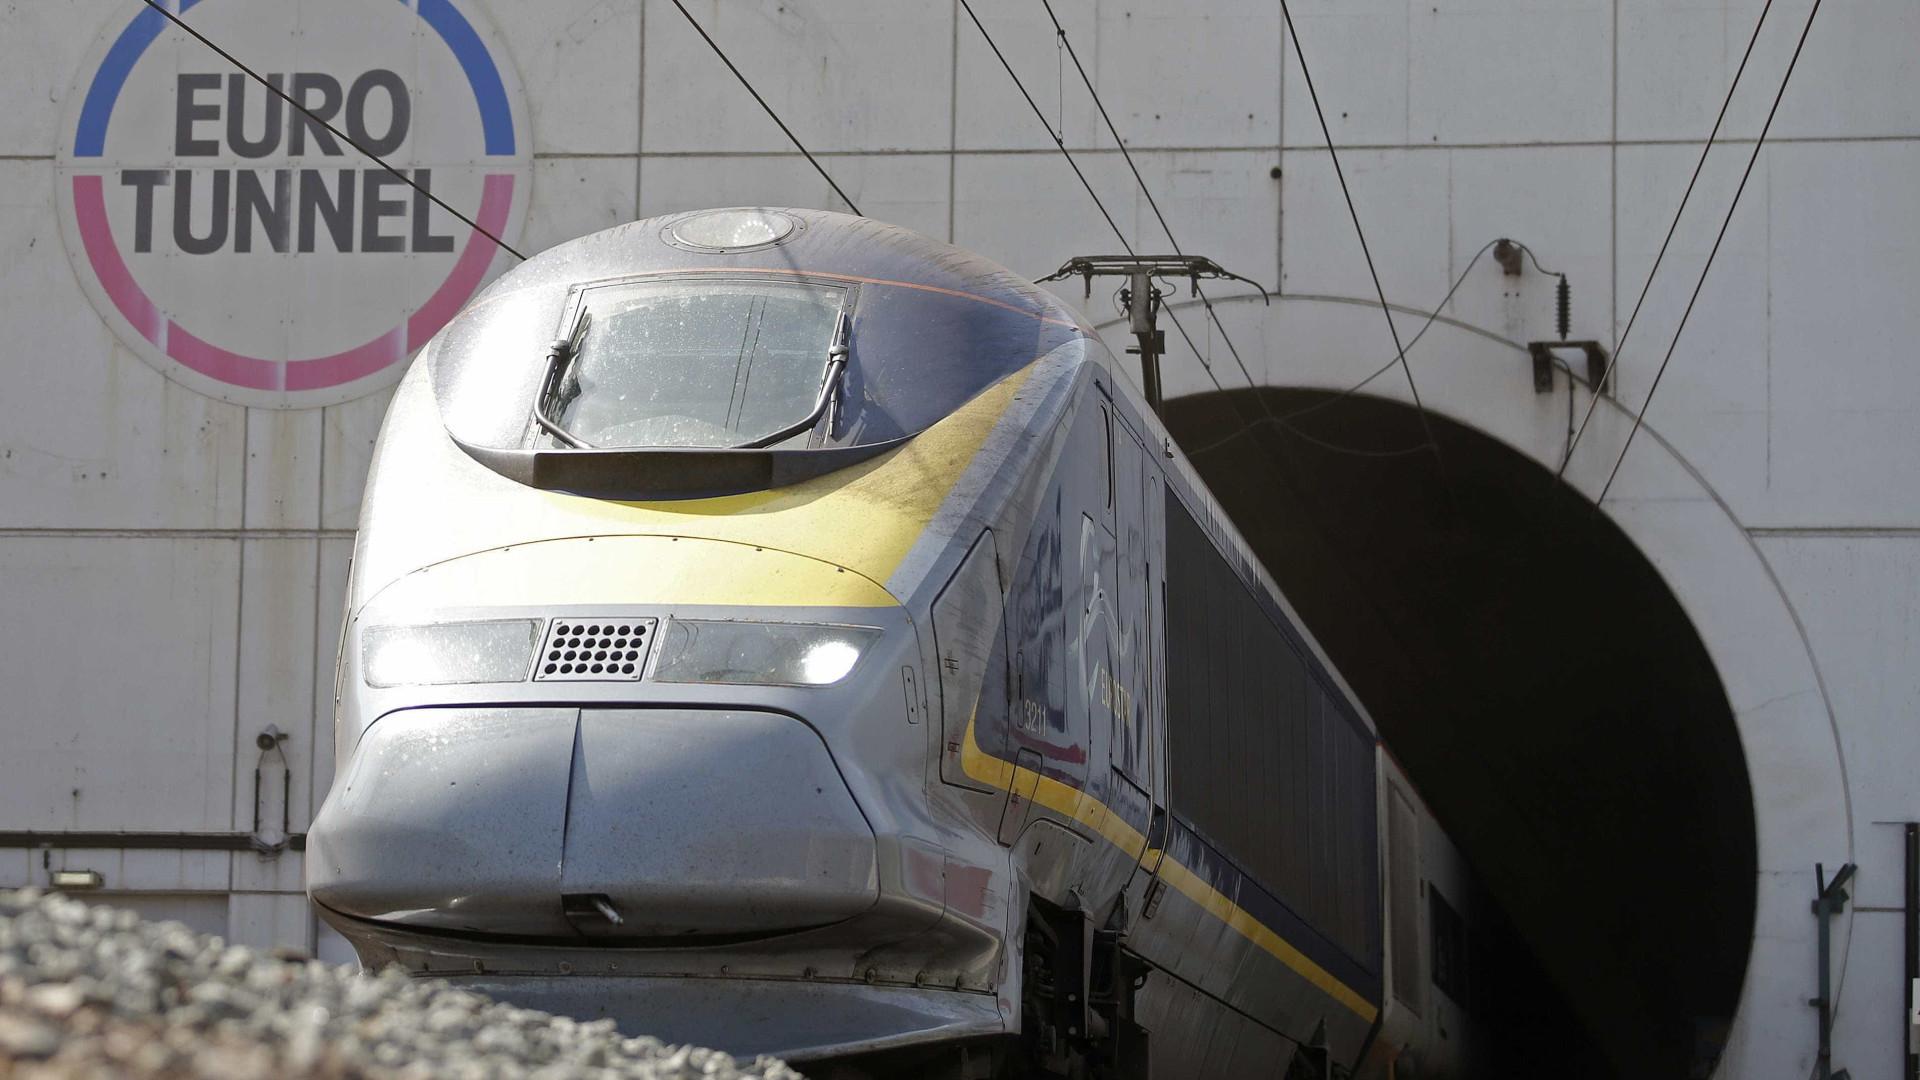 Falha elétrica no Eurotunnel suspende circulação de comboios